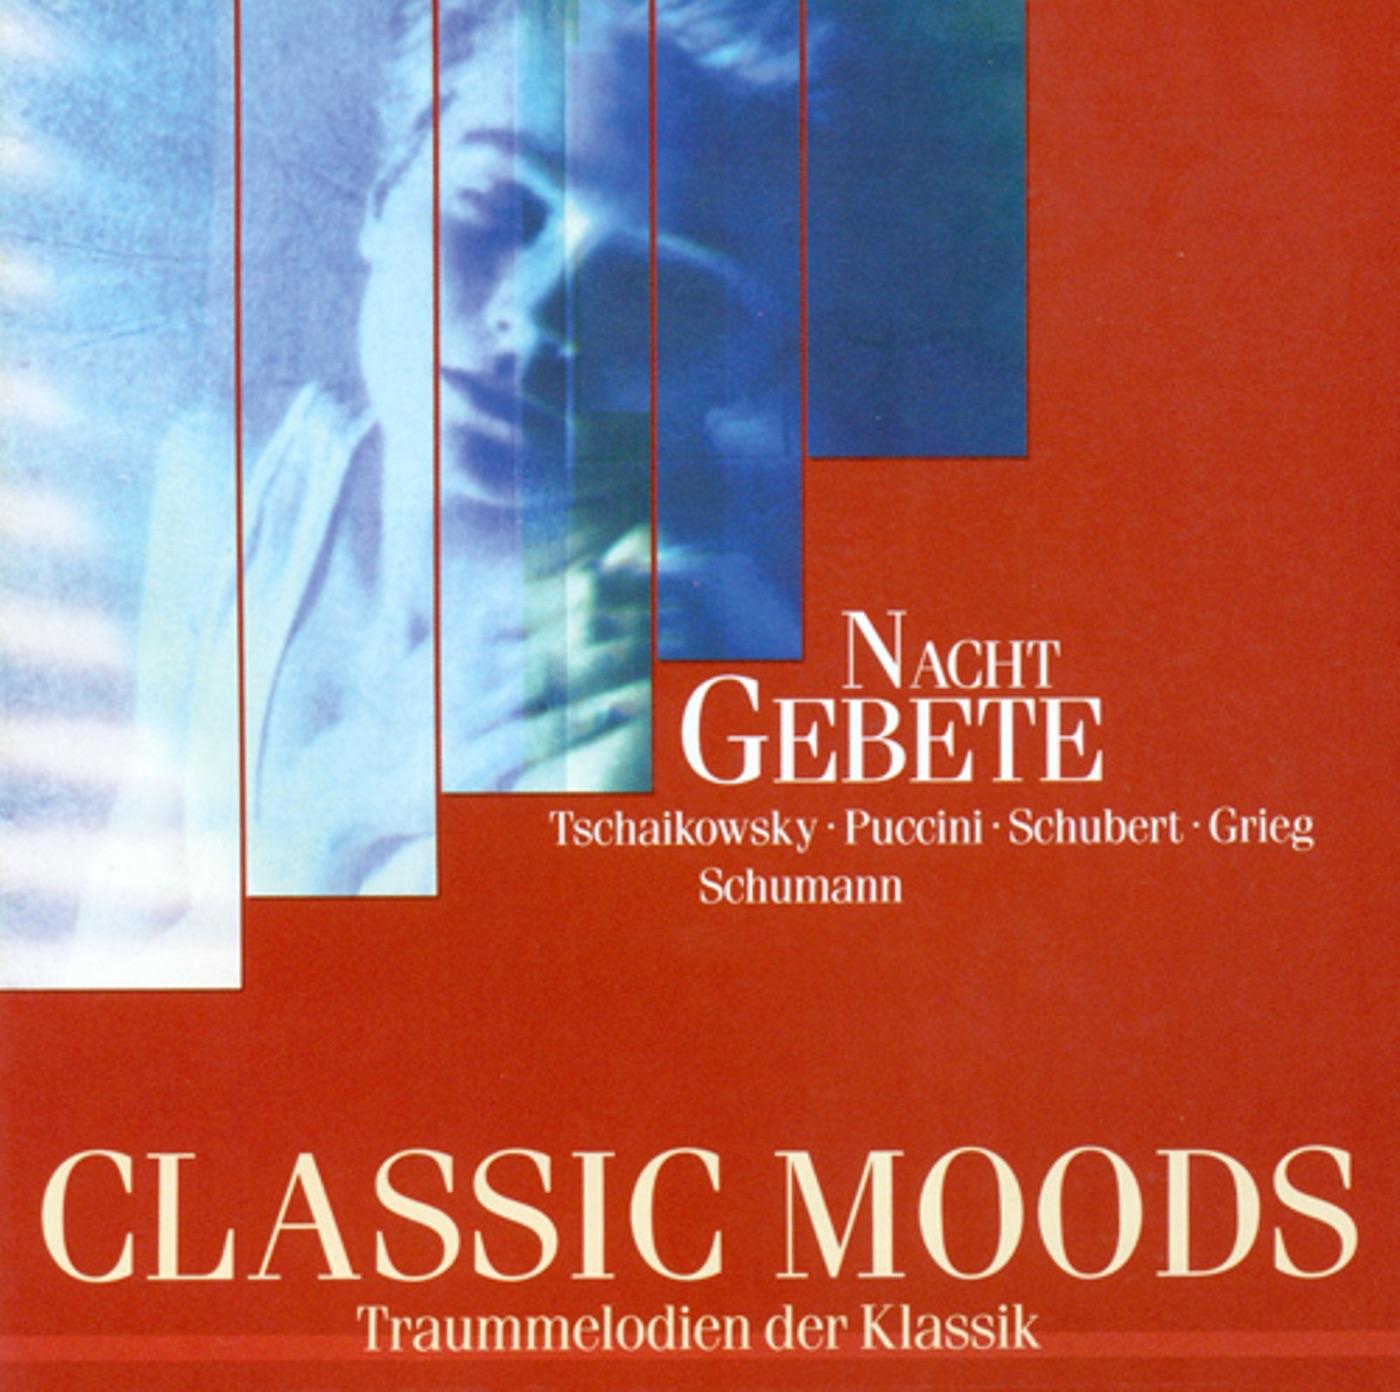 Classic Moods - Humperdinck, E. - Faure, G. - Brahms, J. - Schumann, R. - Puccini, G. - Grieg, E. - Schubert, F. - Puccini, G. - Rheinberger, J.G.